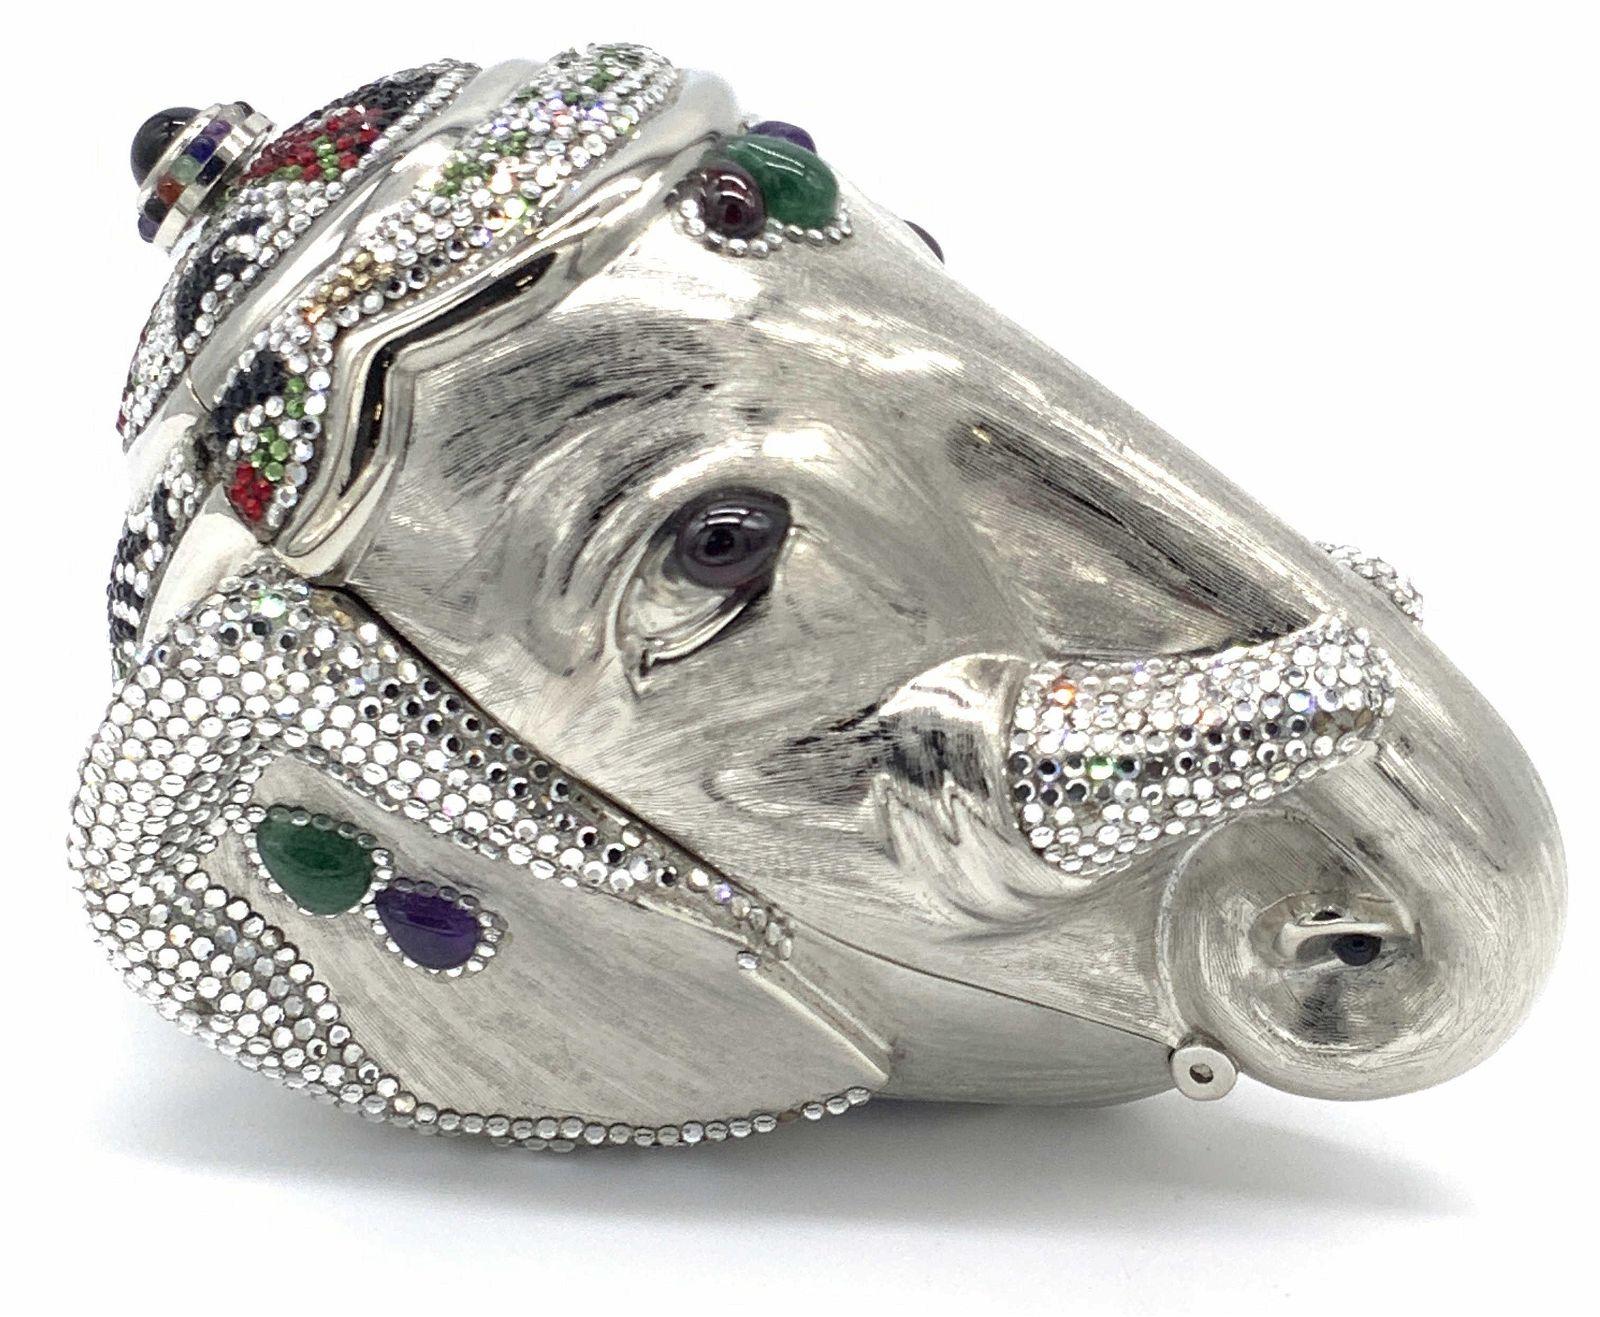 Vtg JUDITH LEIBER Swarovski Crystal Elephant Purse